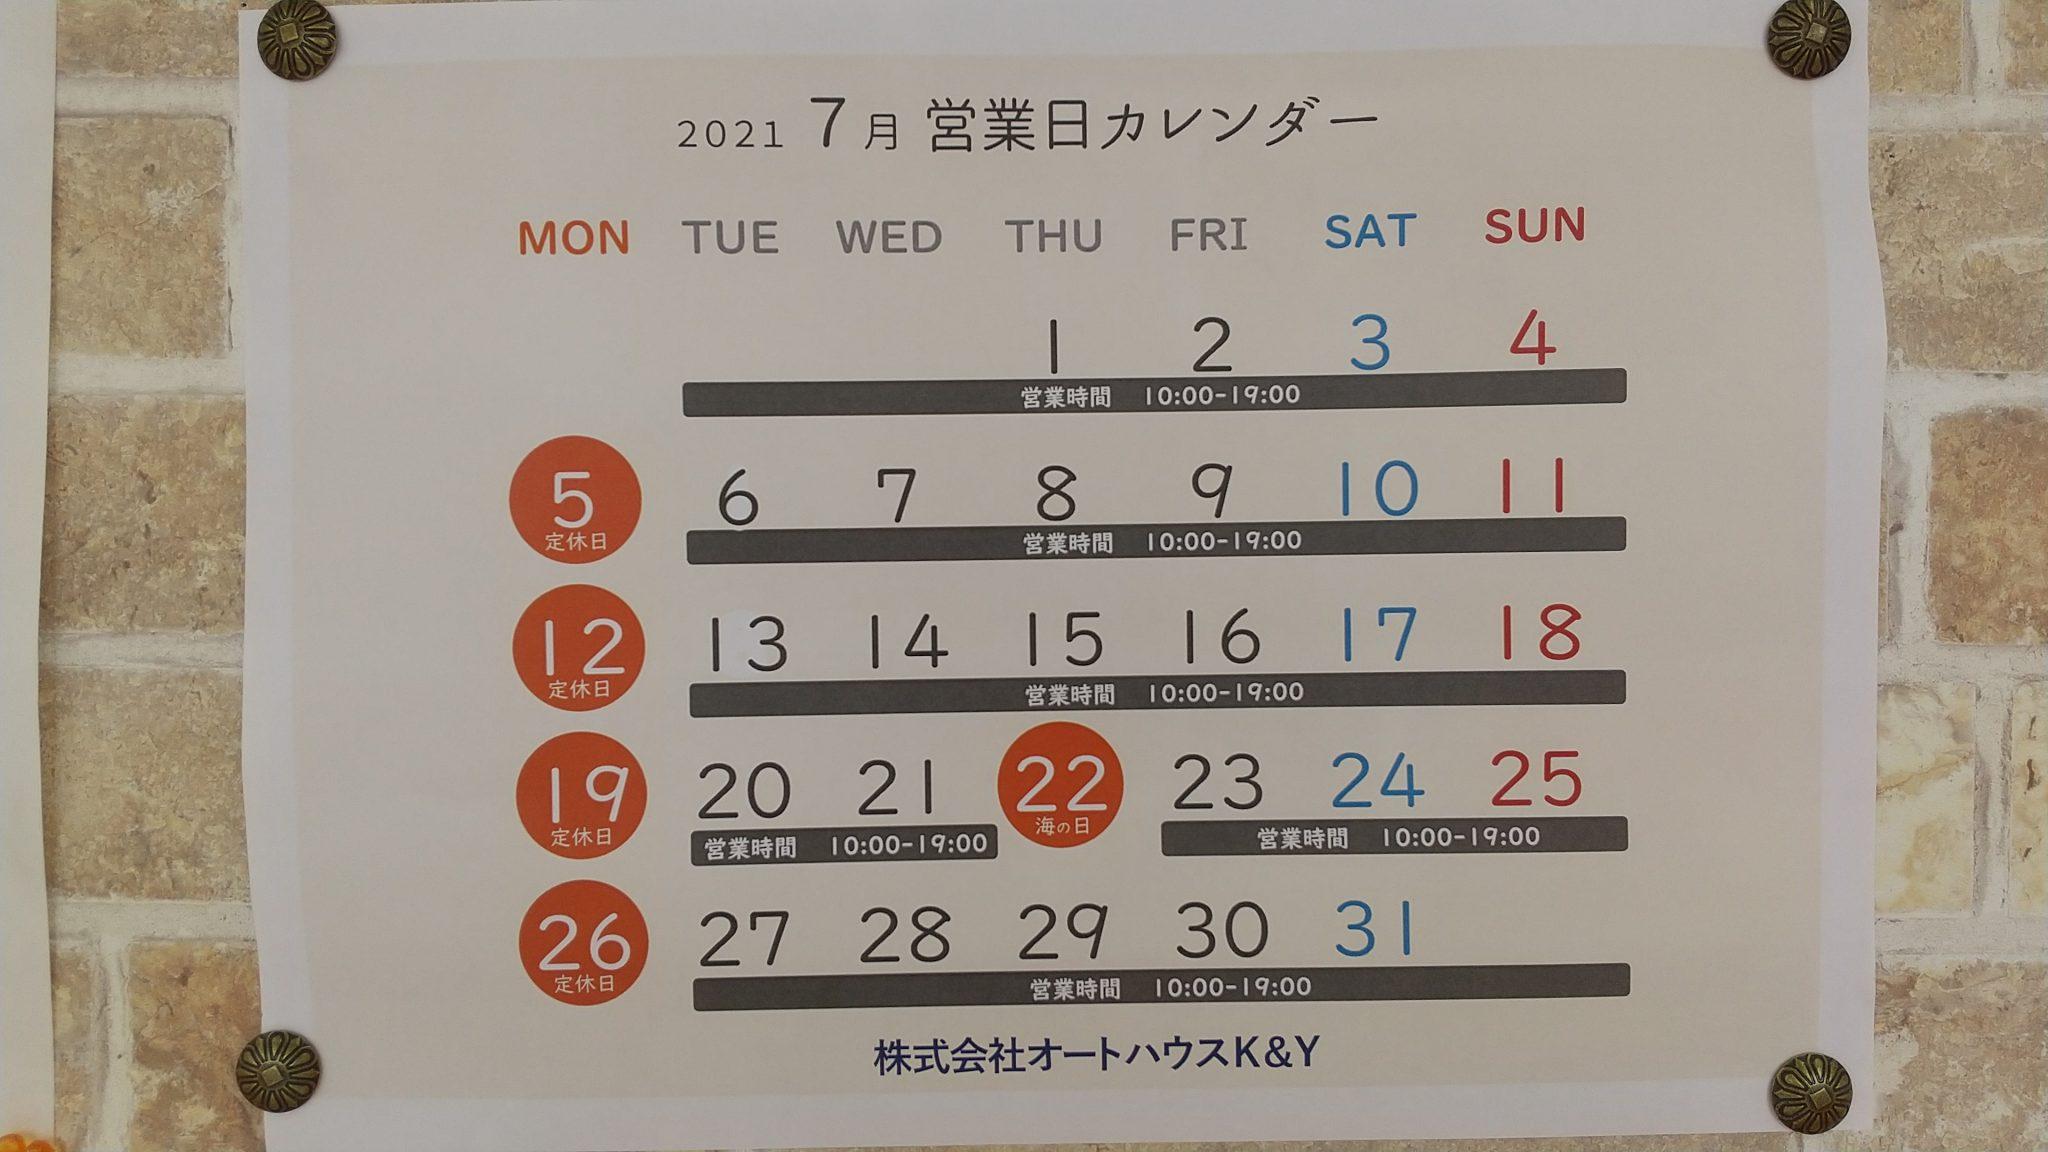 7月営業日カレンダー